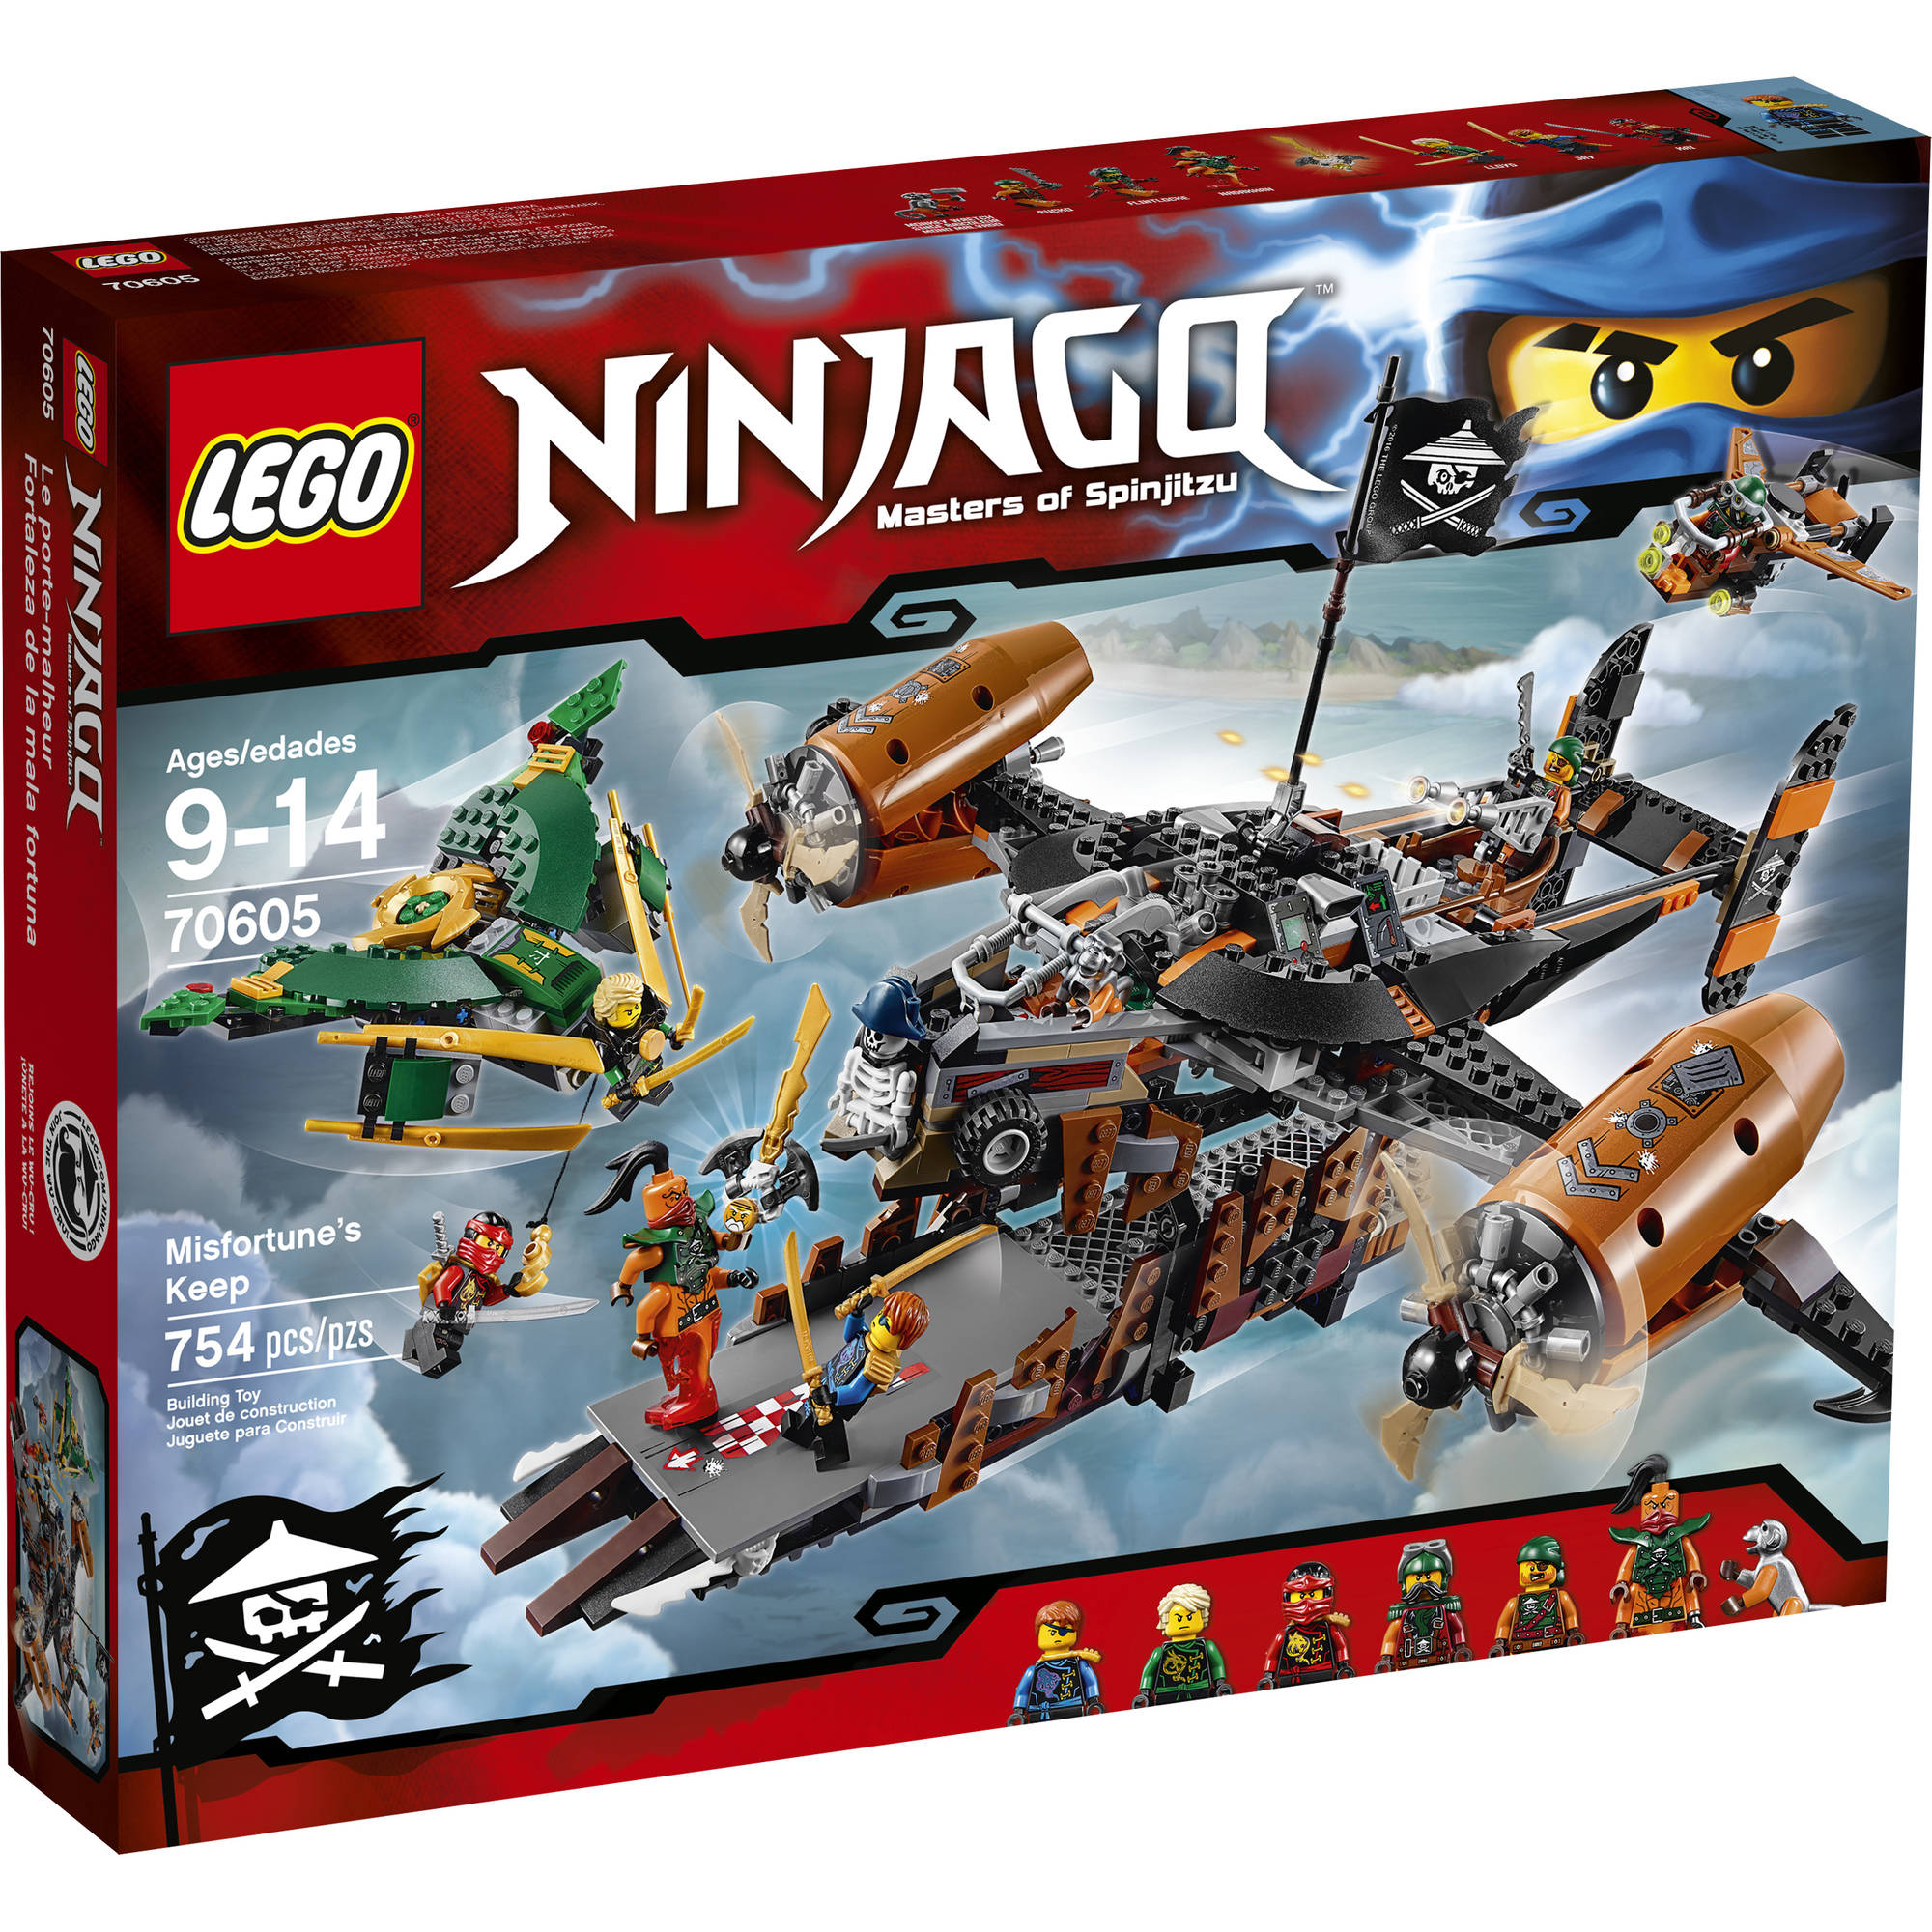 LEGO Ninjago Misfortune's Keep, 70605